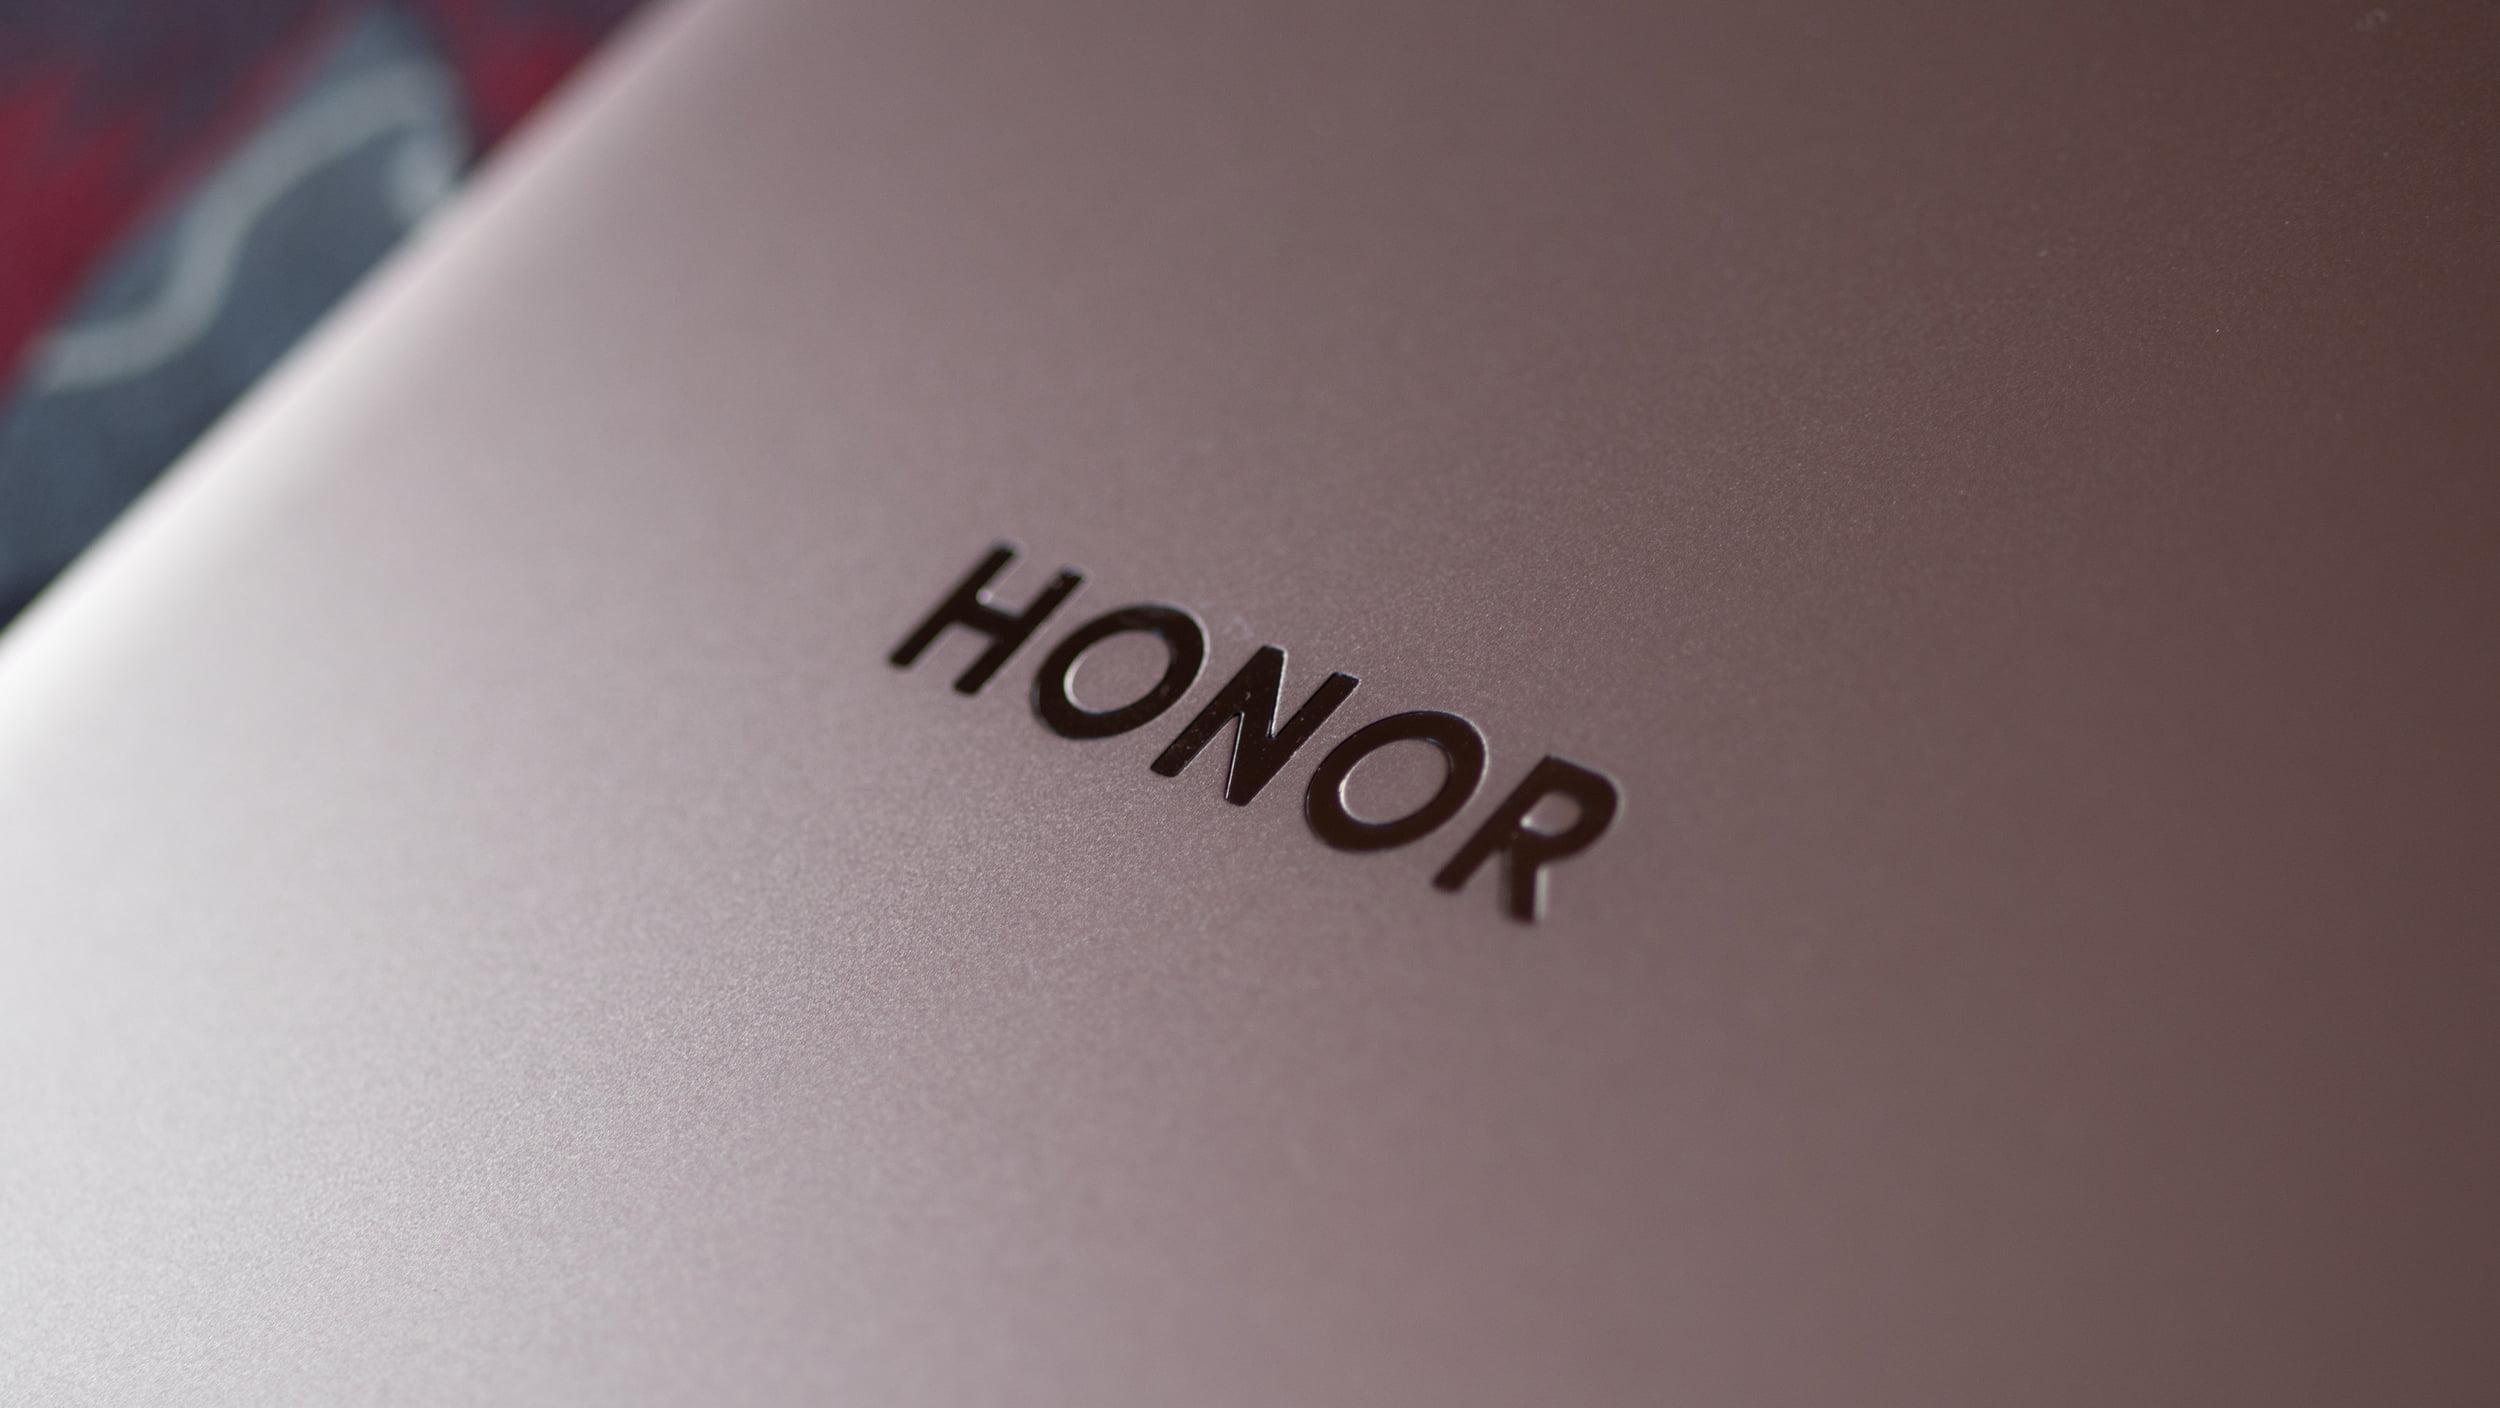 Конкурент Samsung Galaxy Z Flip 3 и Galaxy Z Fold 3: Honor готовит свой первый складной смартфон